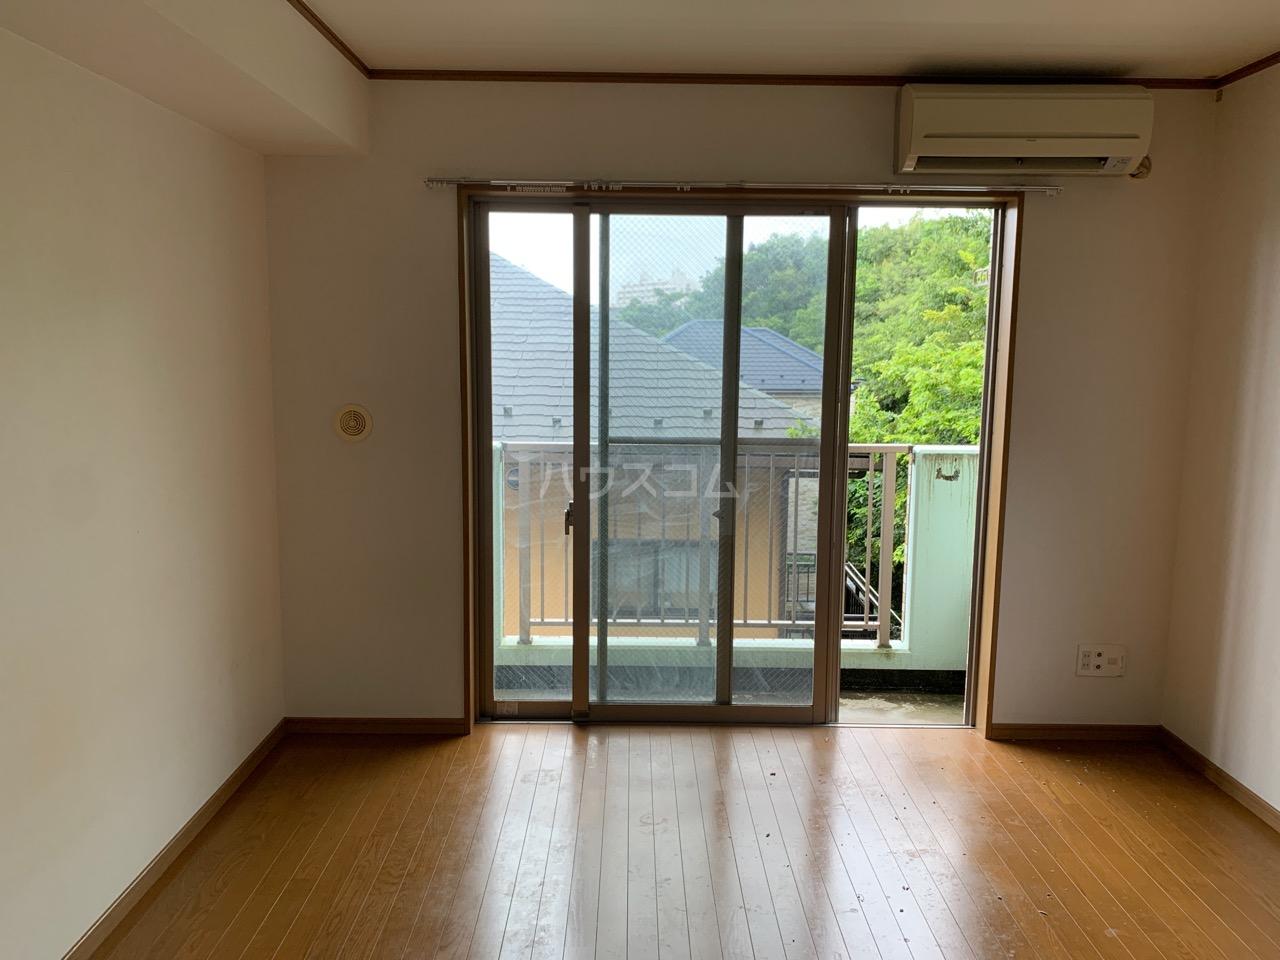 横浜元町ガーデン12 301号室のリビング